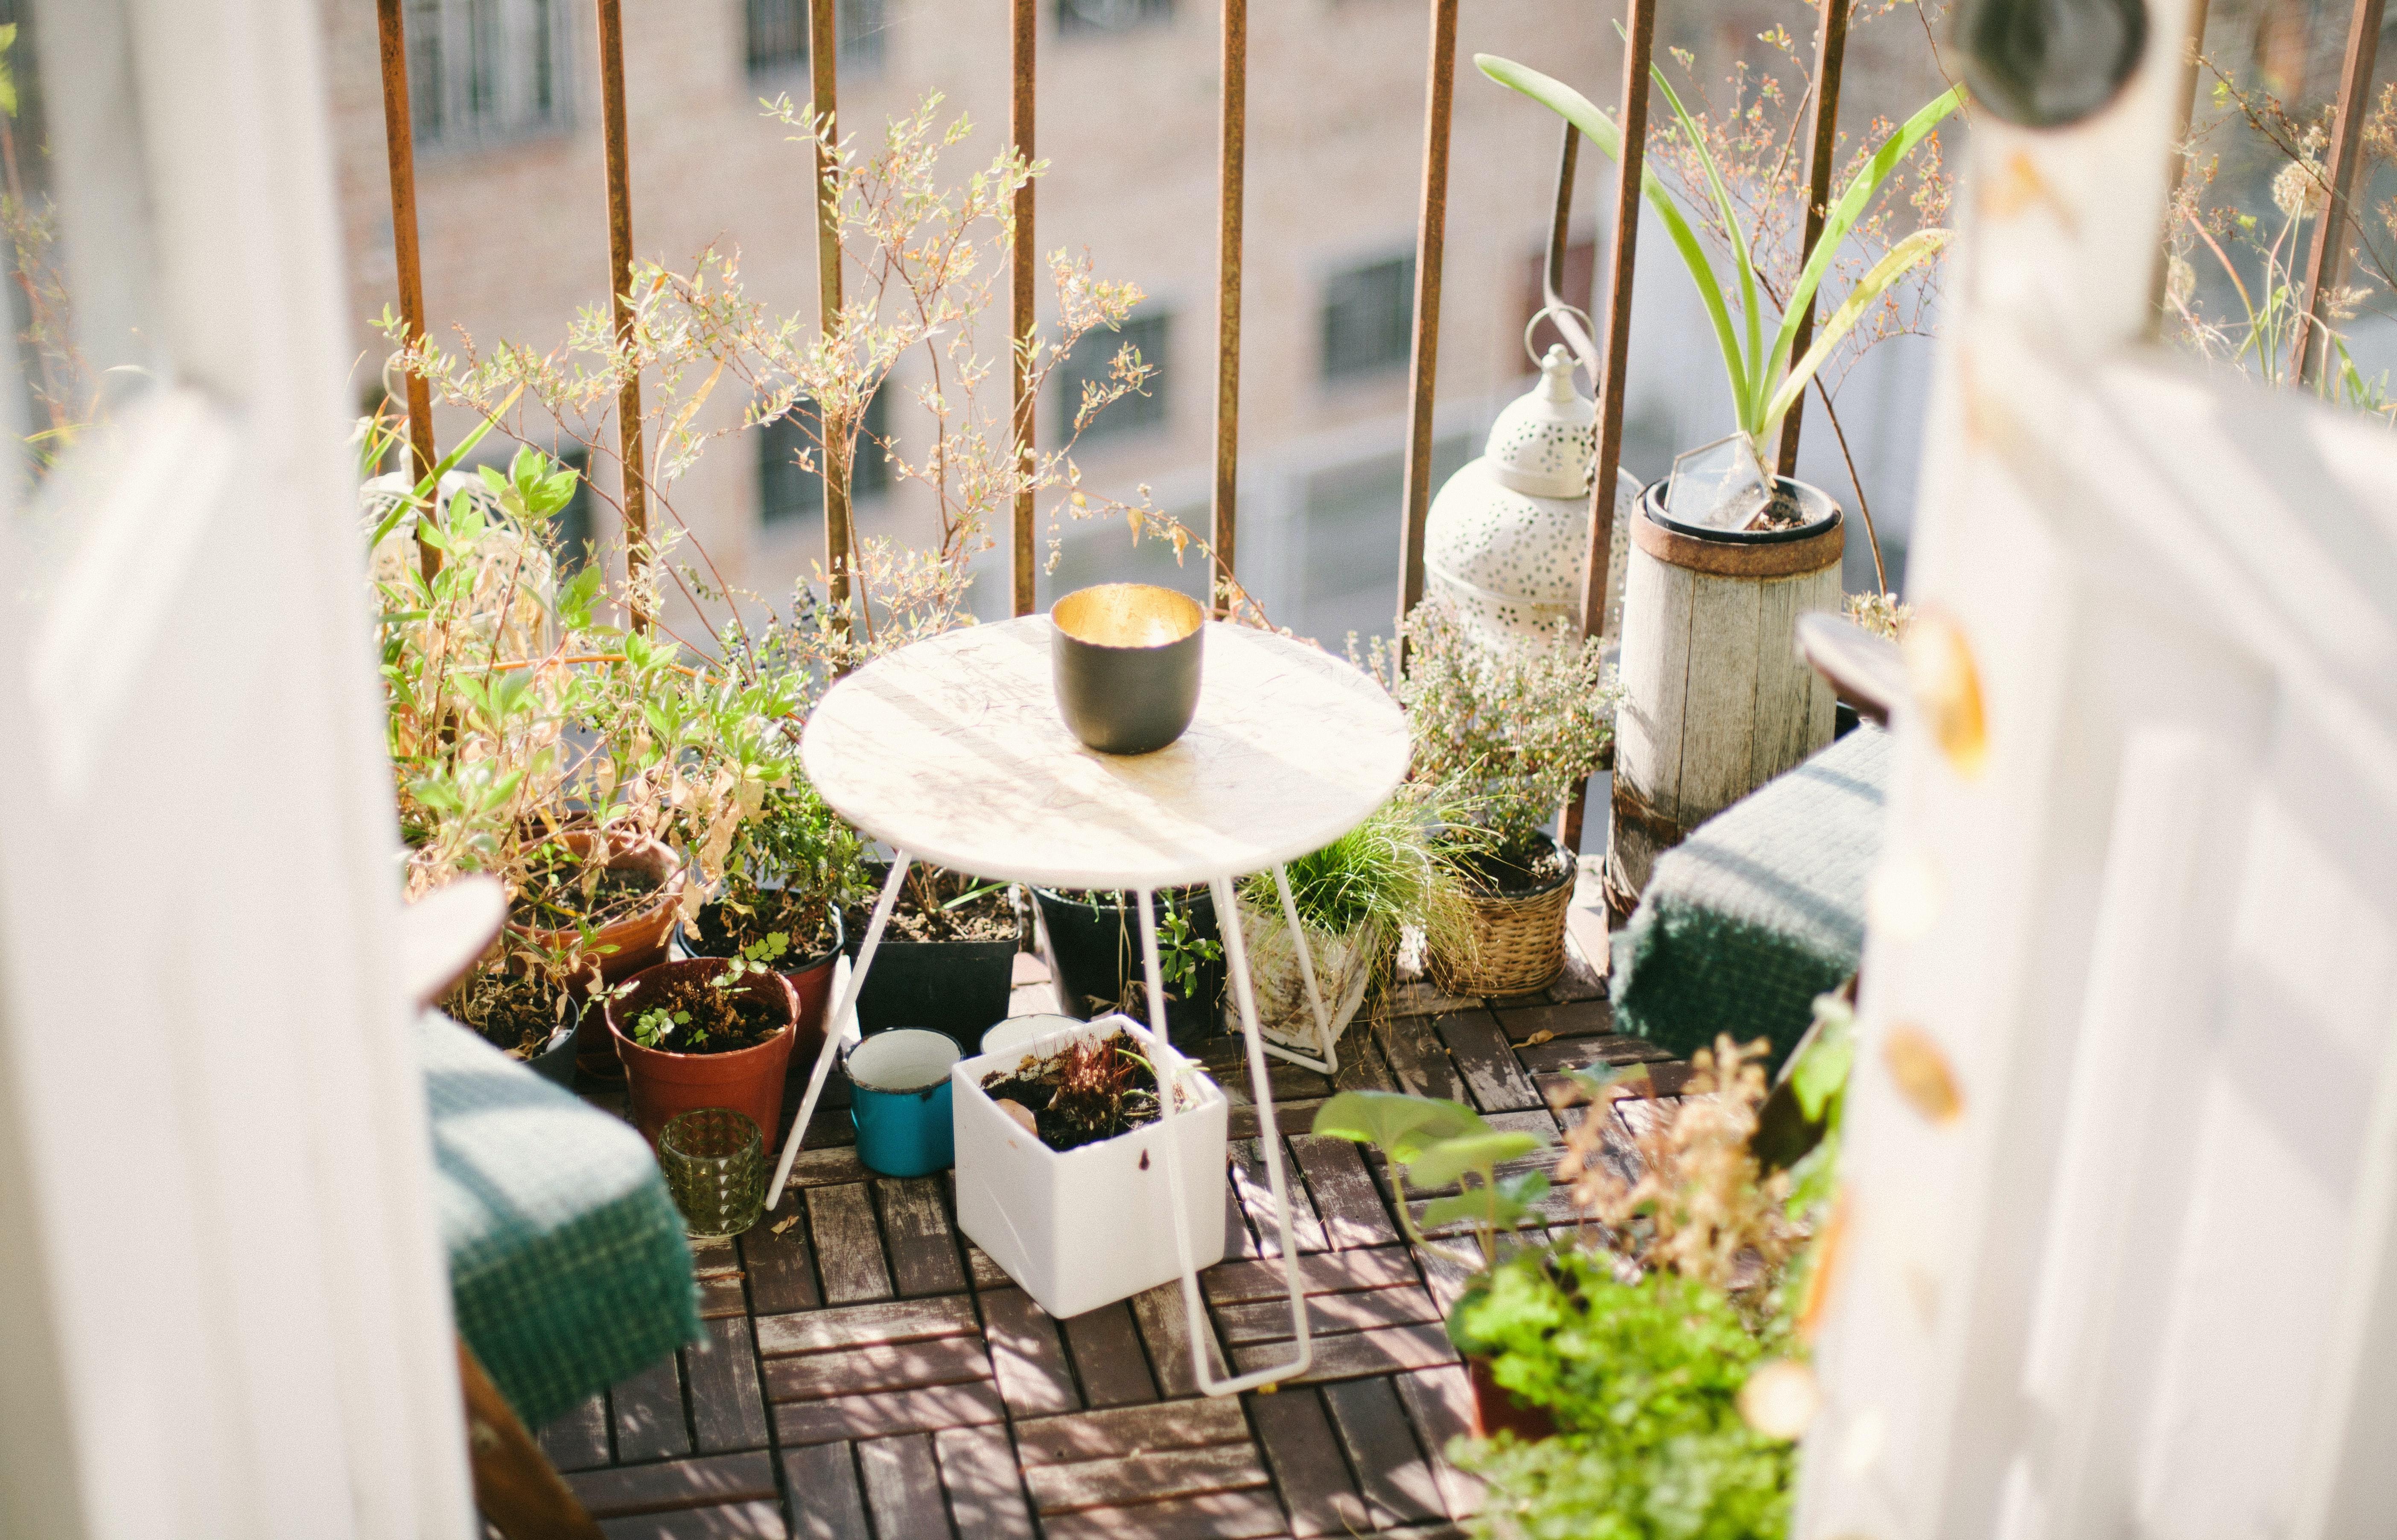 Bild på blommor och inredning på en balkong. Solen lyser.